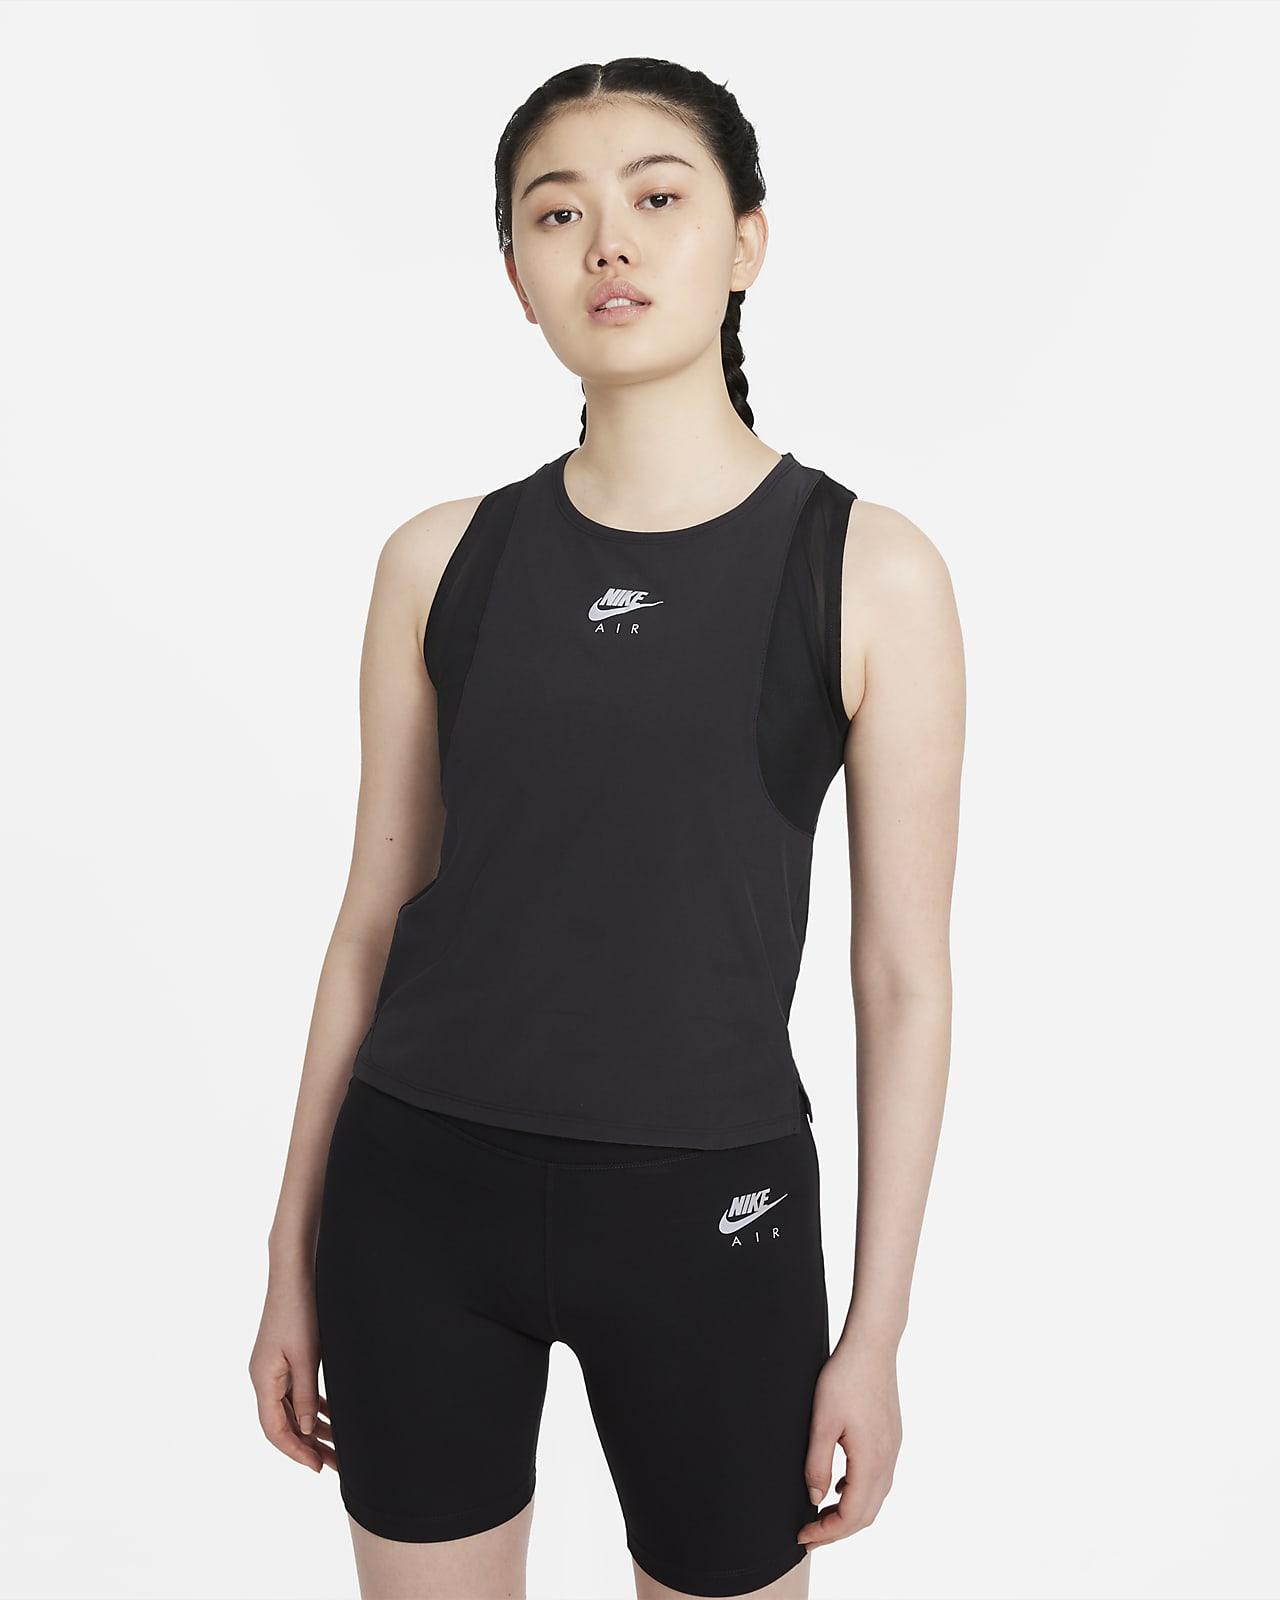 เสื้อกล้ามวิ่งผู้หญิง Nike Air